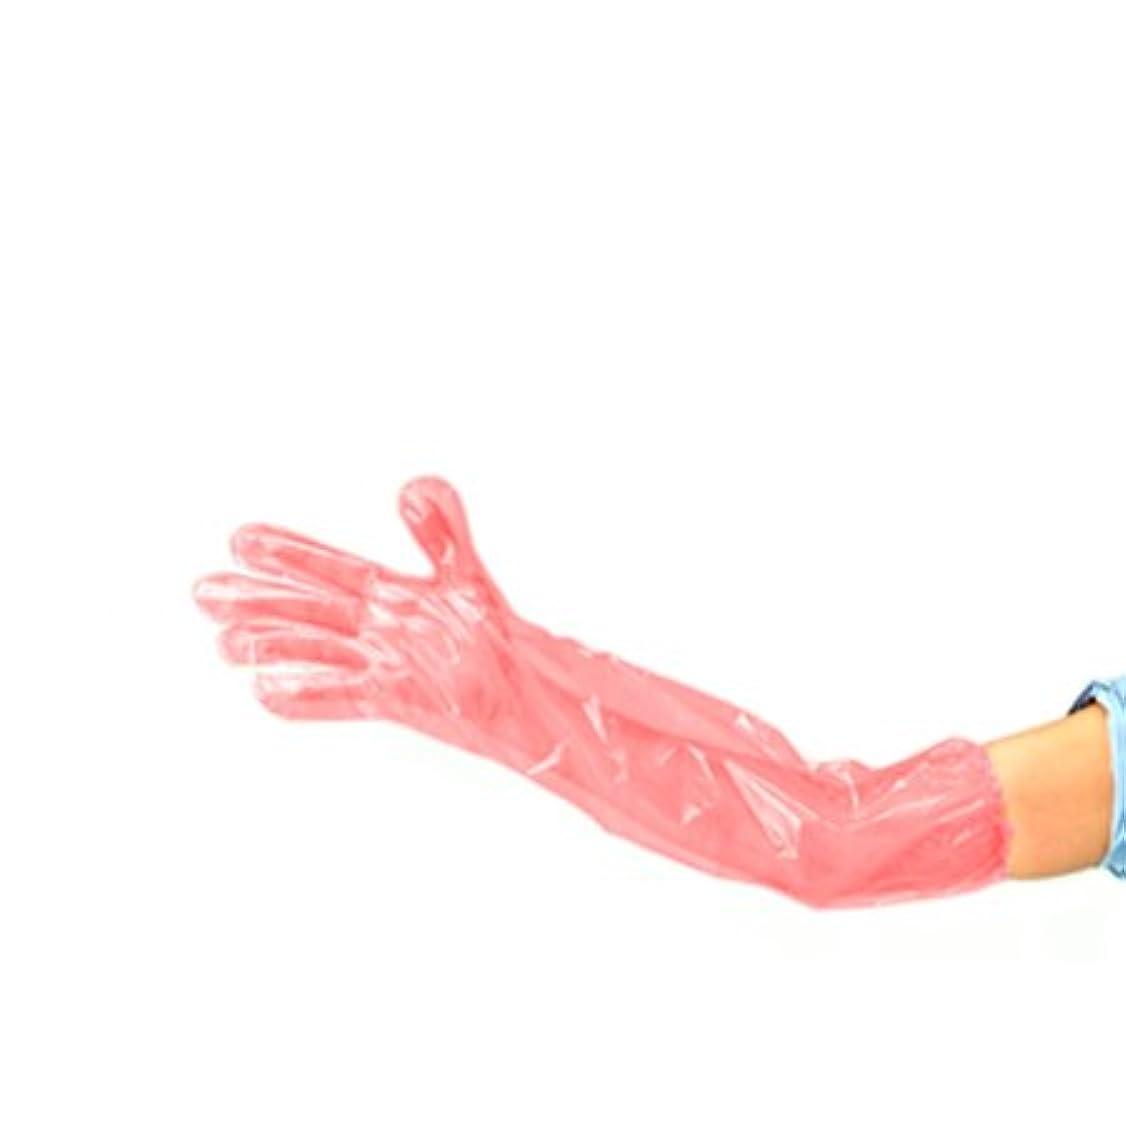 シティ酸化物リルロングPE手袋 LPE 2000枚入